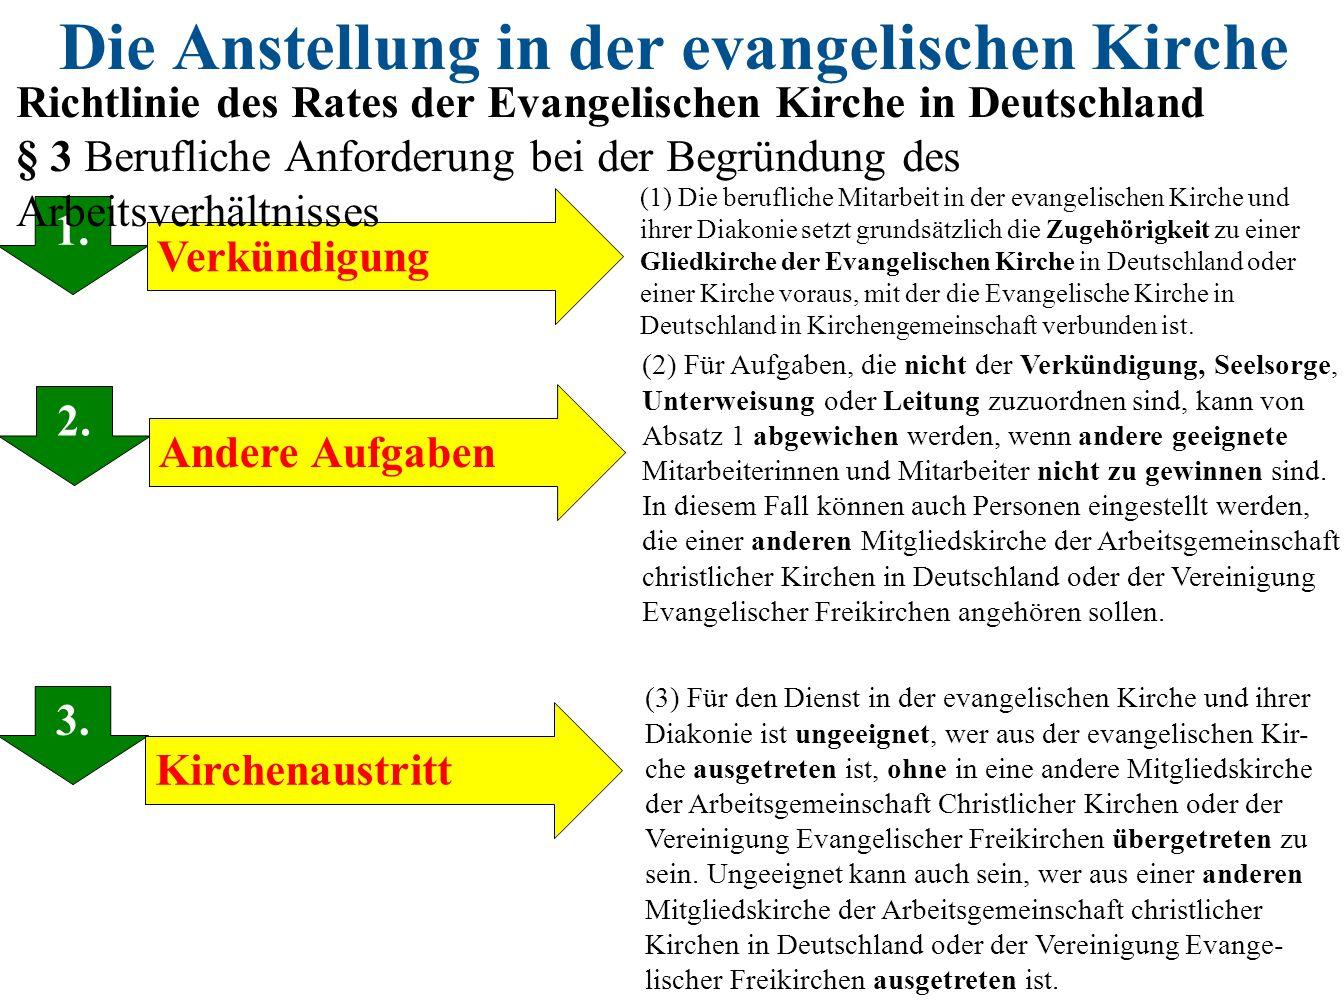 Die Anstellung in der evangelischen Kirche